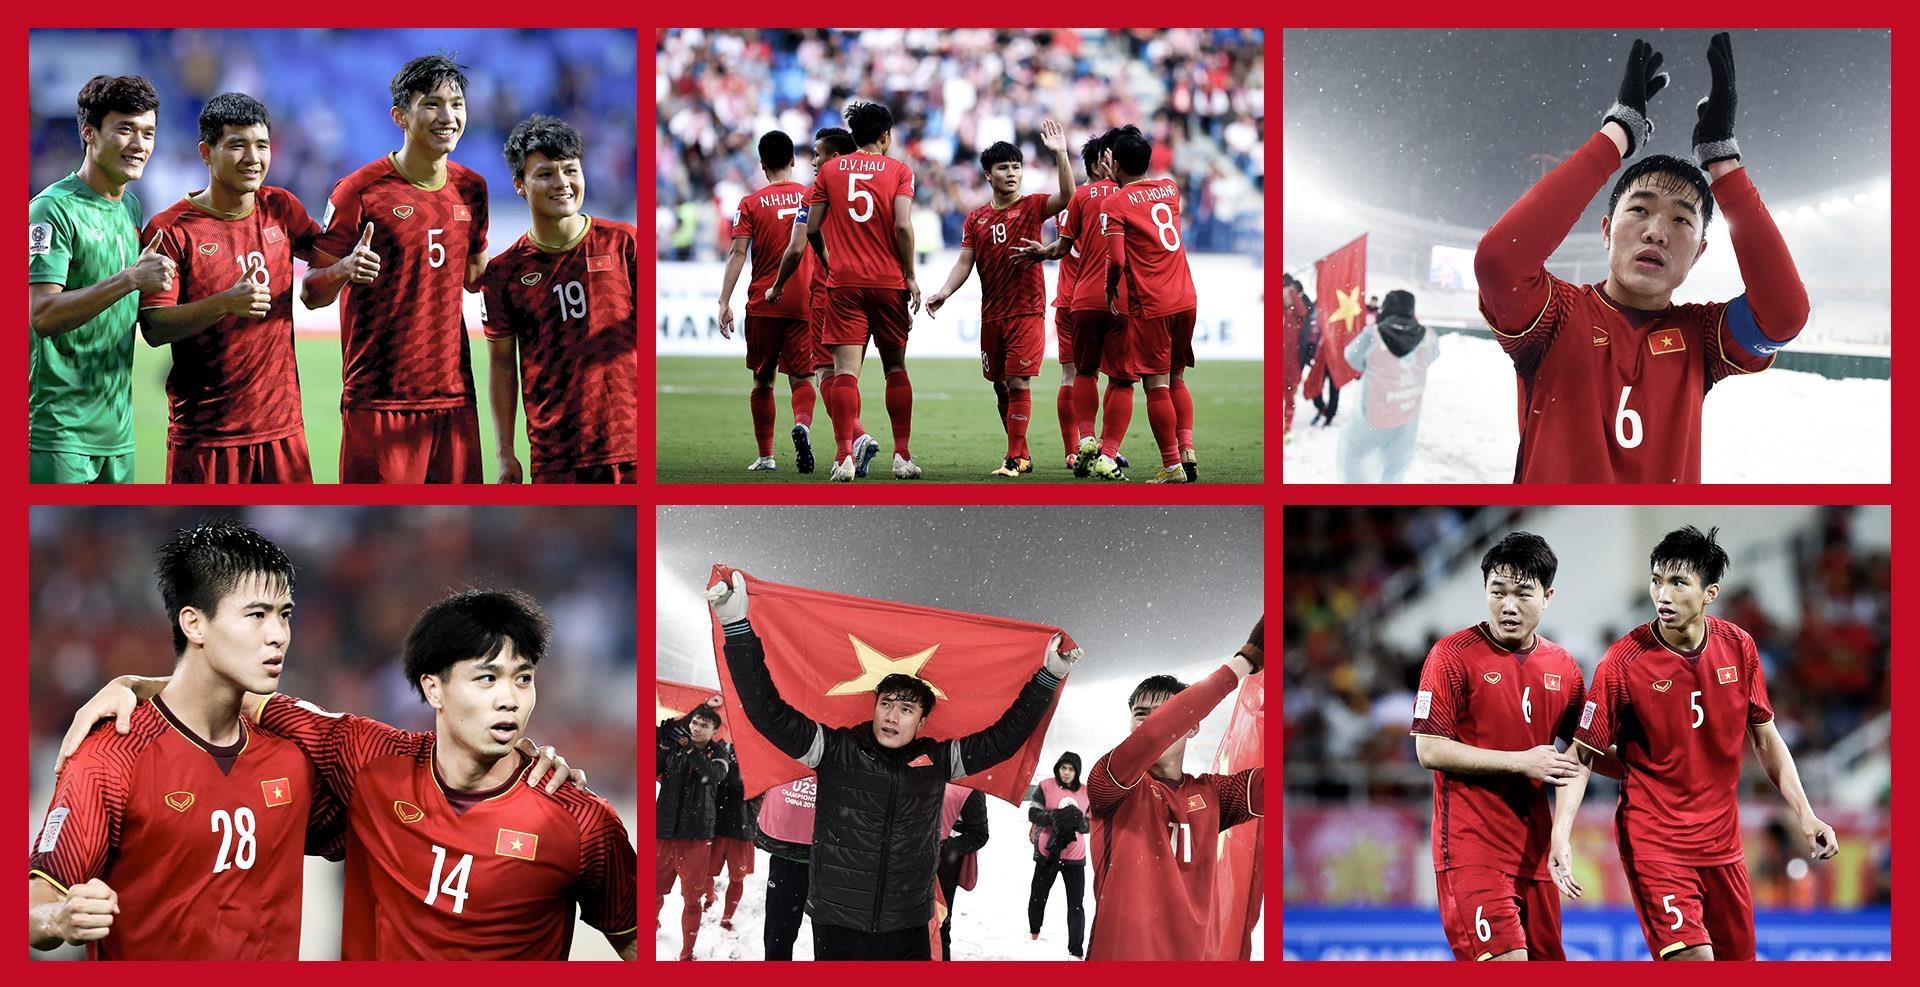 Tam biet Thuong Chau, U23 Viet Nam moi dang dan xuat hien hinh anh 10